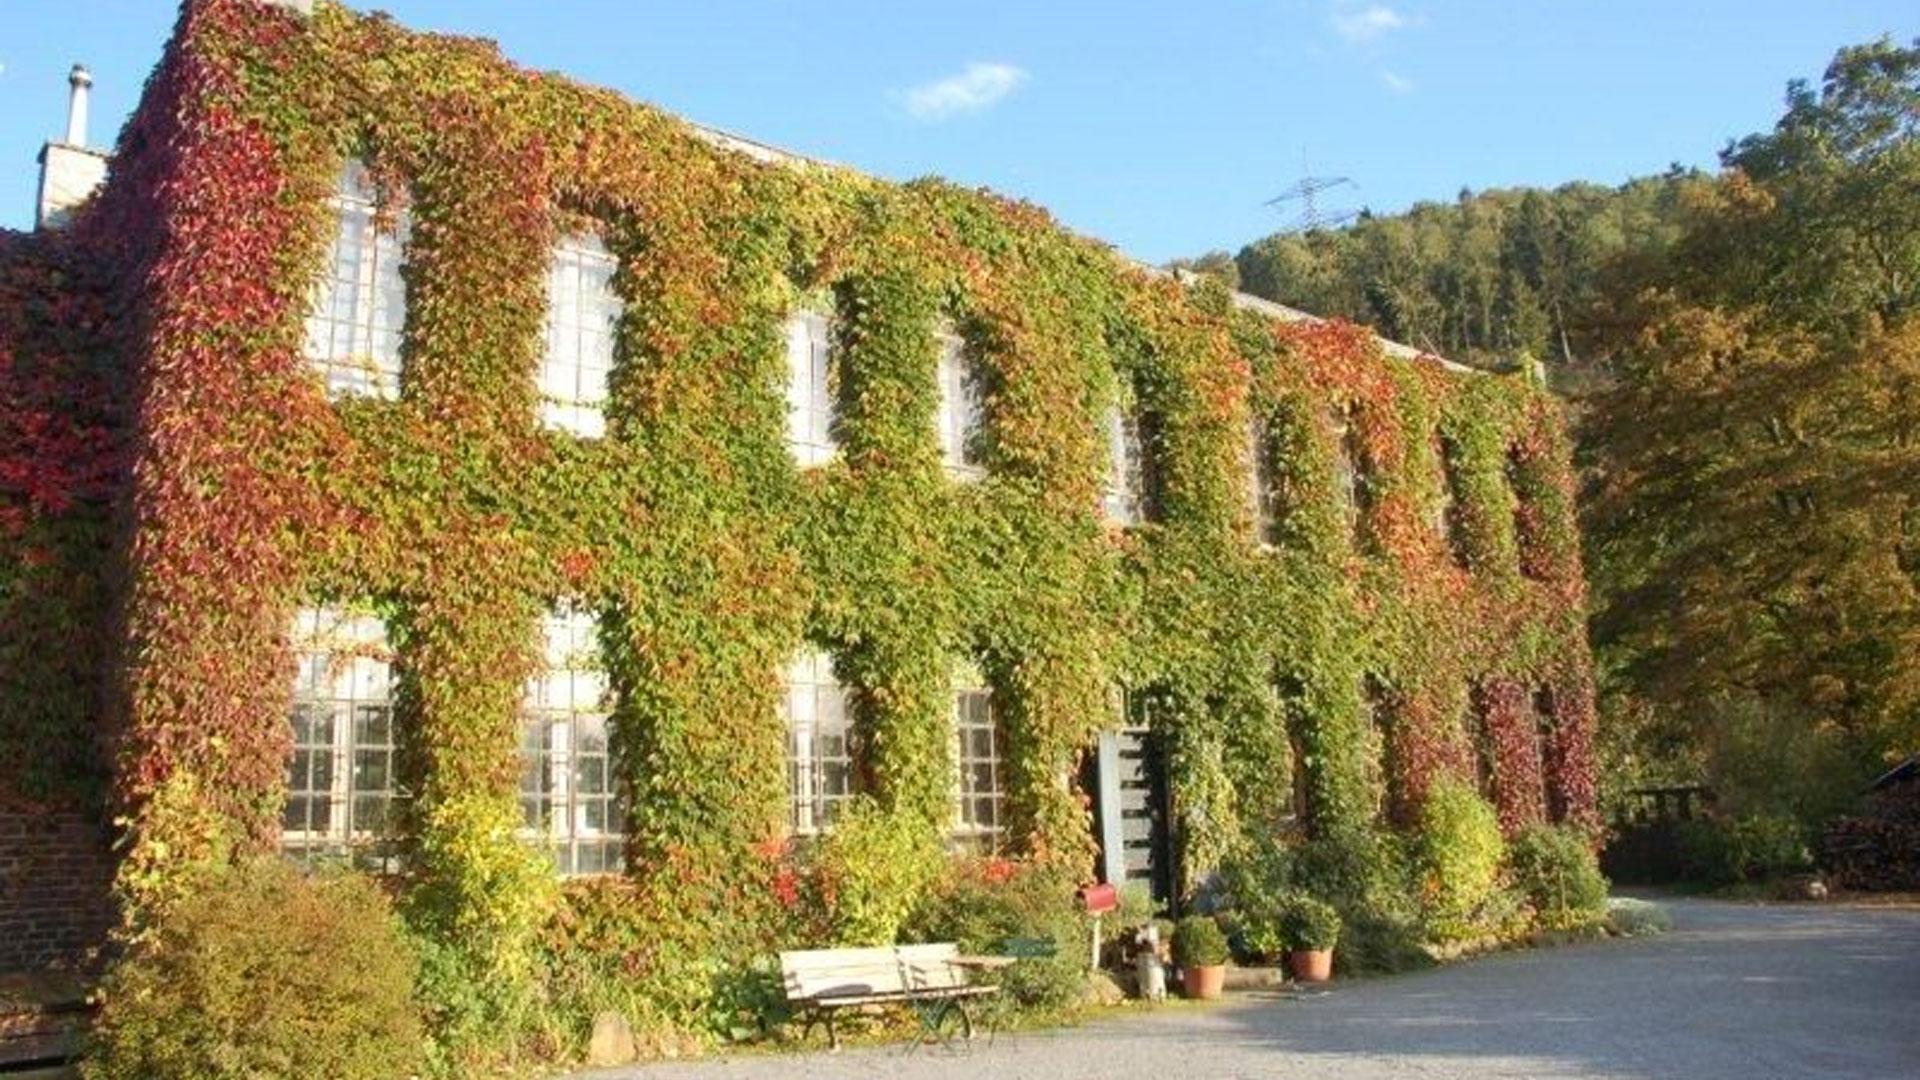 Im Herbst zeigt sich der Kotten vielfarbig. Foto: Lisa Demmer